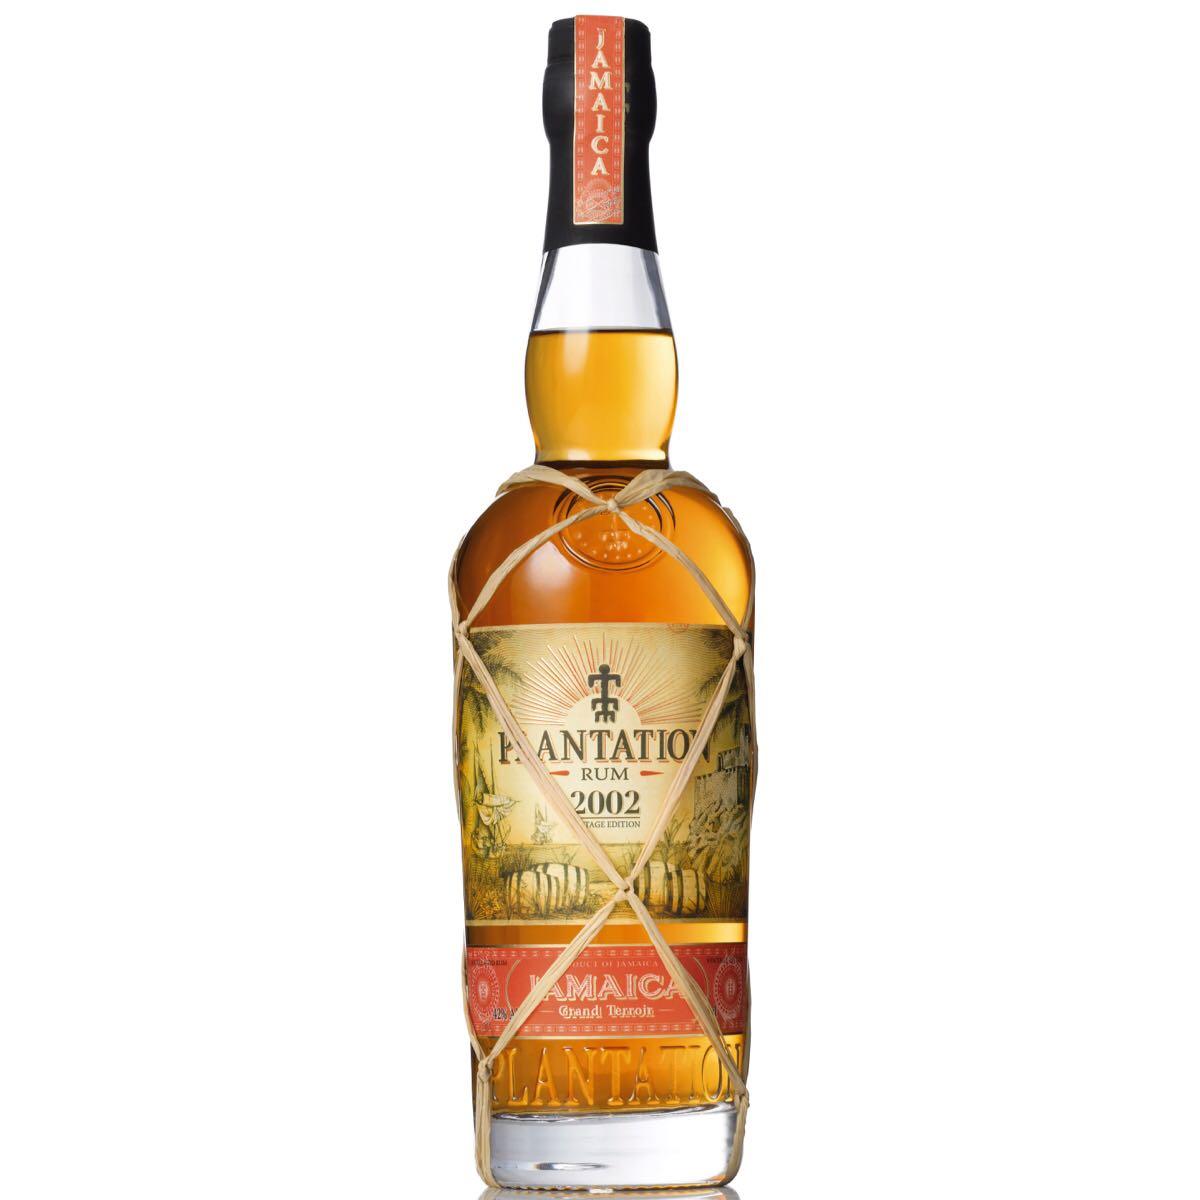 Bottle image of Plantation Jamaica